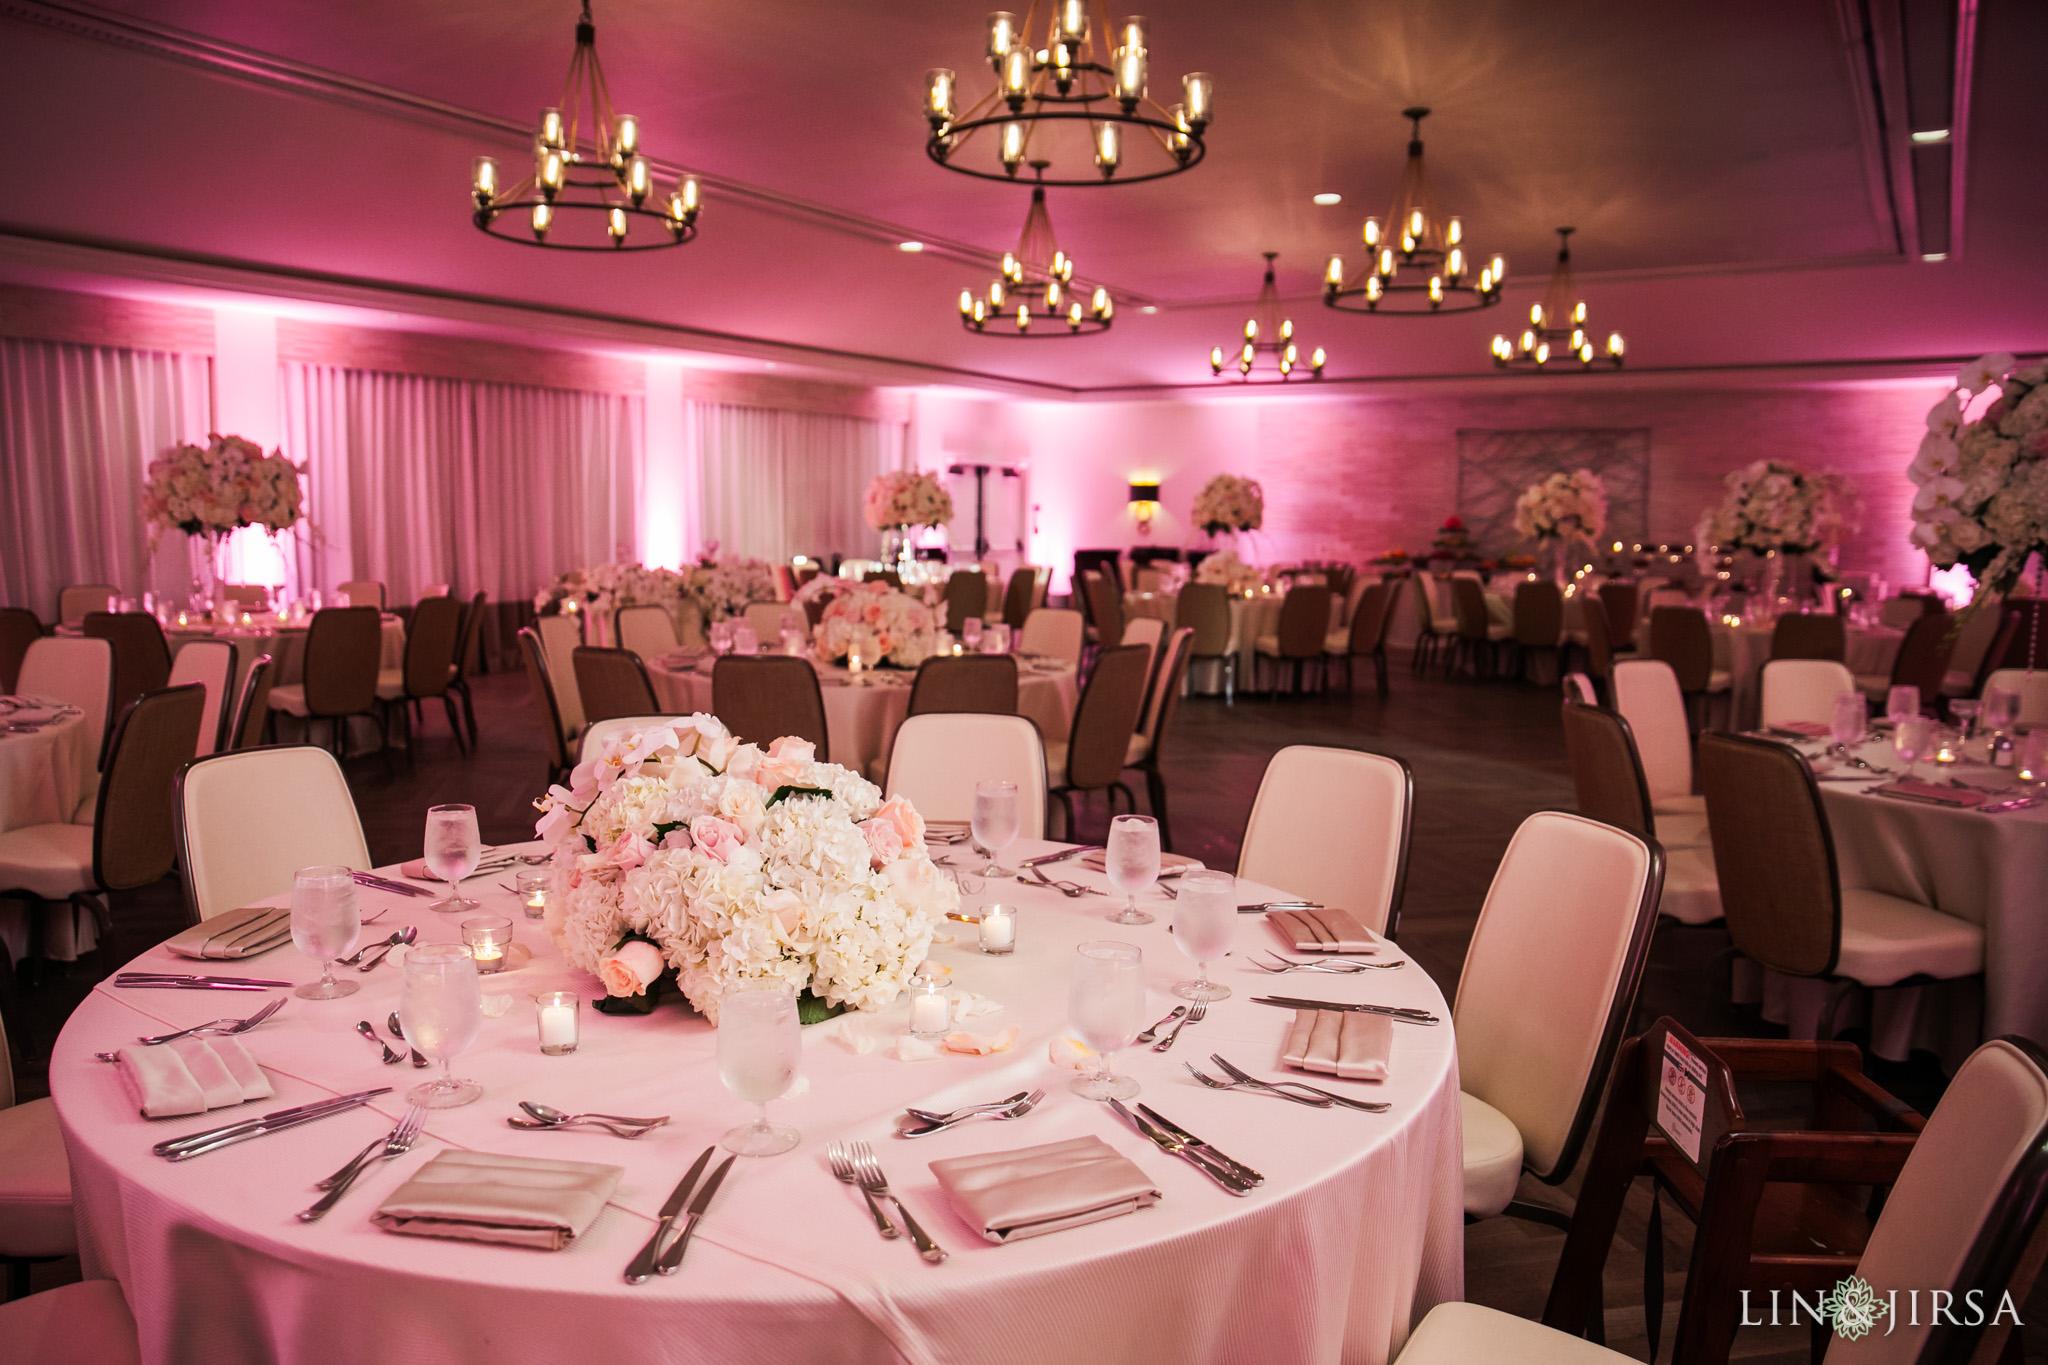 041 estancia la jolla hotel spa persian wedding reception photography